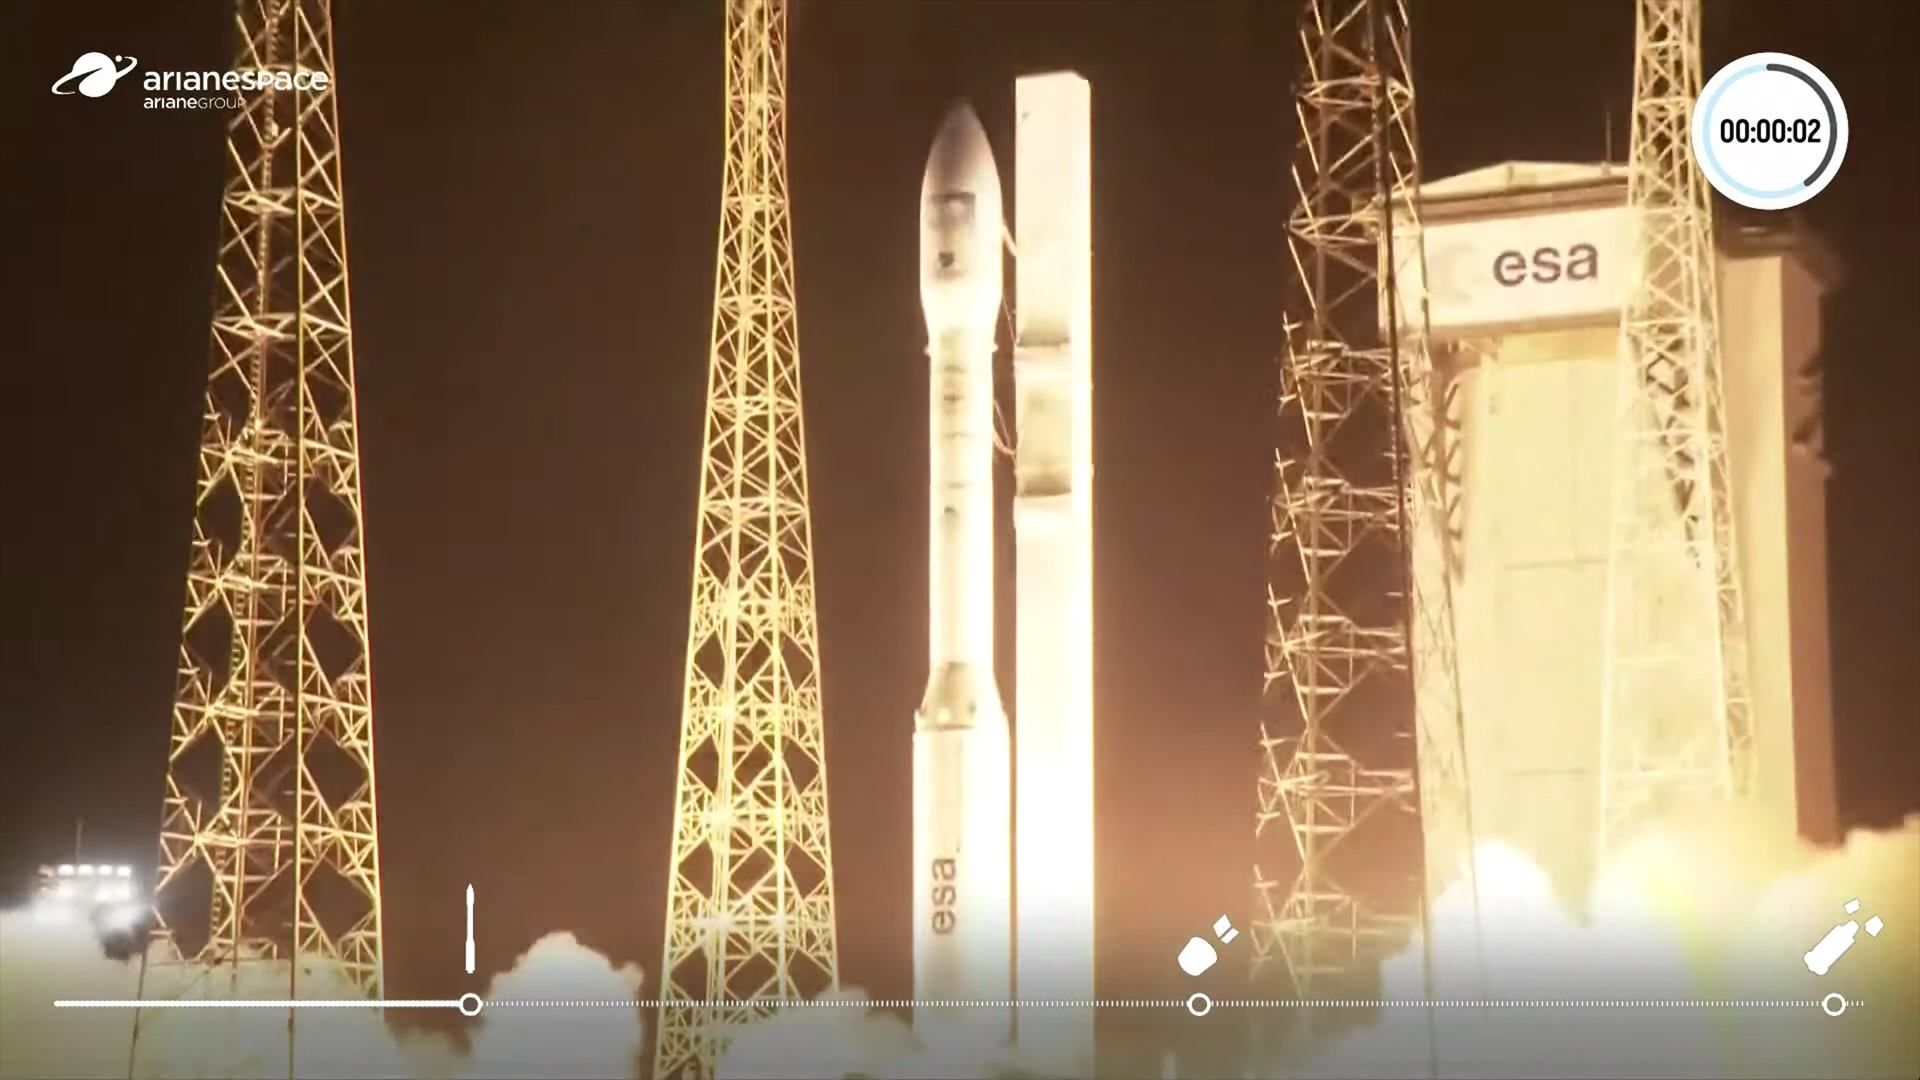 ASI - Missione compiuta: torna al successo il lanciatore europeo Vega